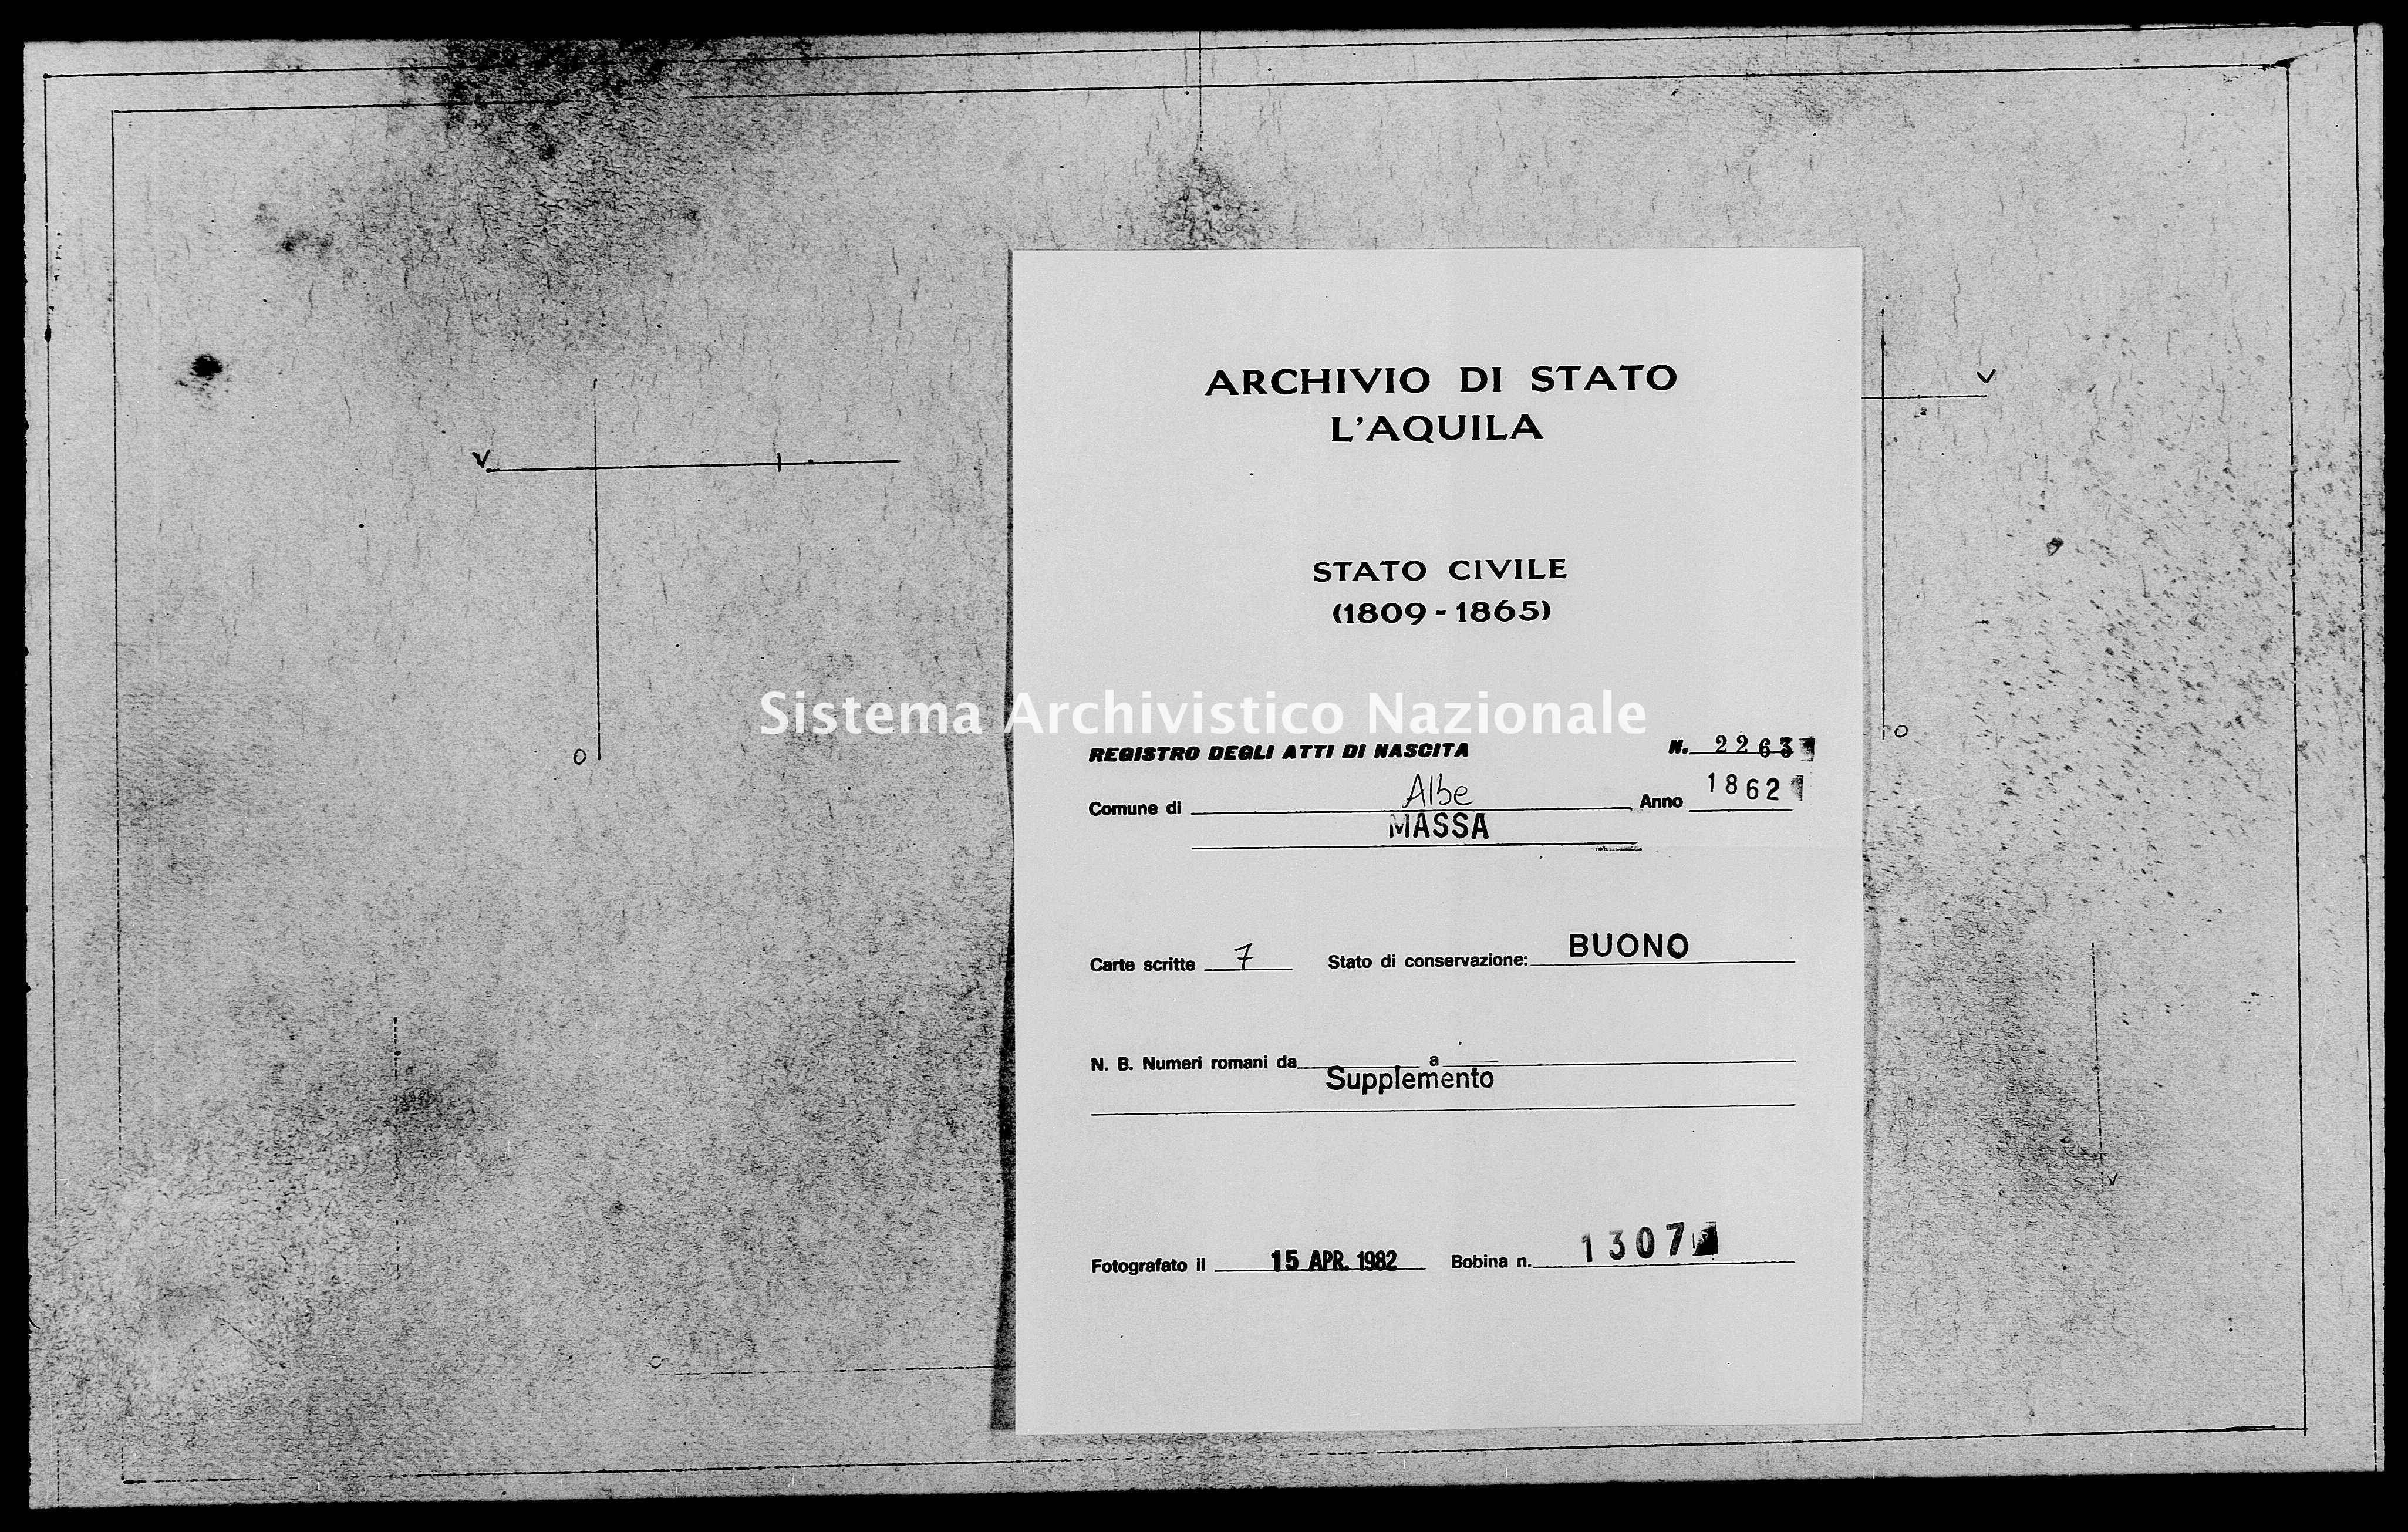 Archivio di stato di L'aquila - Stato civile italiano - Albe - Nati, battesimi - 1862 - 2263 -